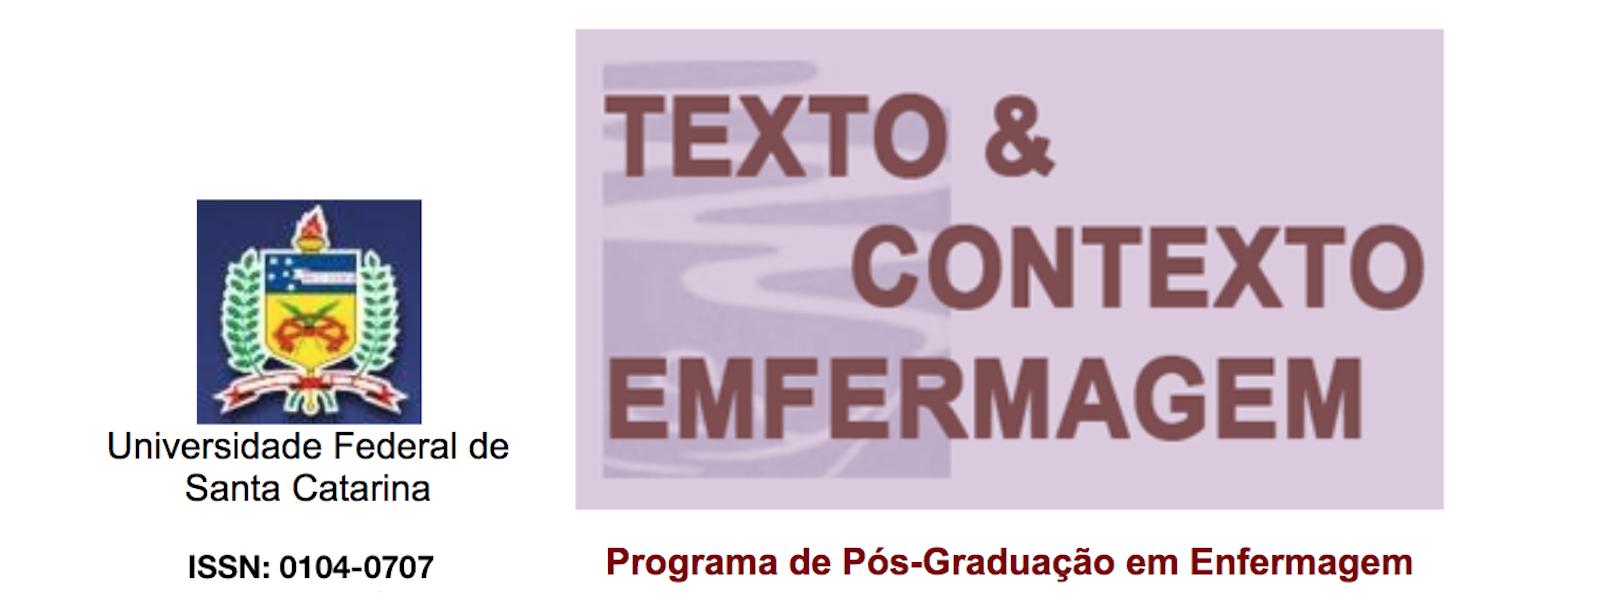 Logo texto & contexto